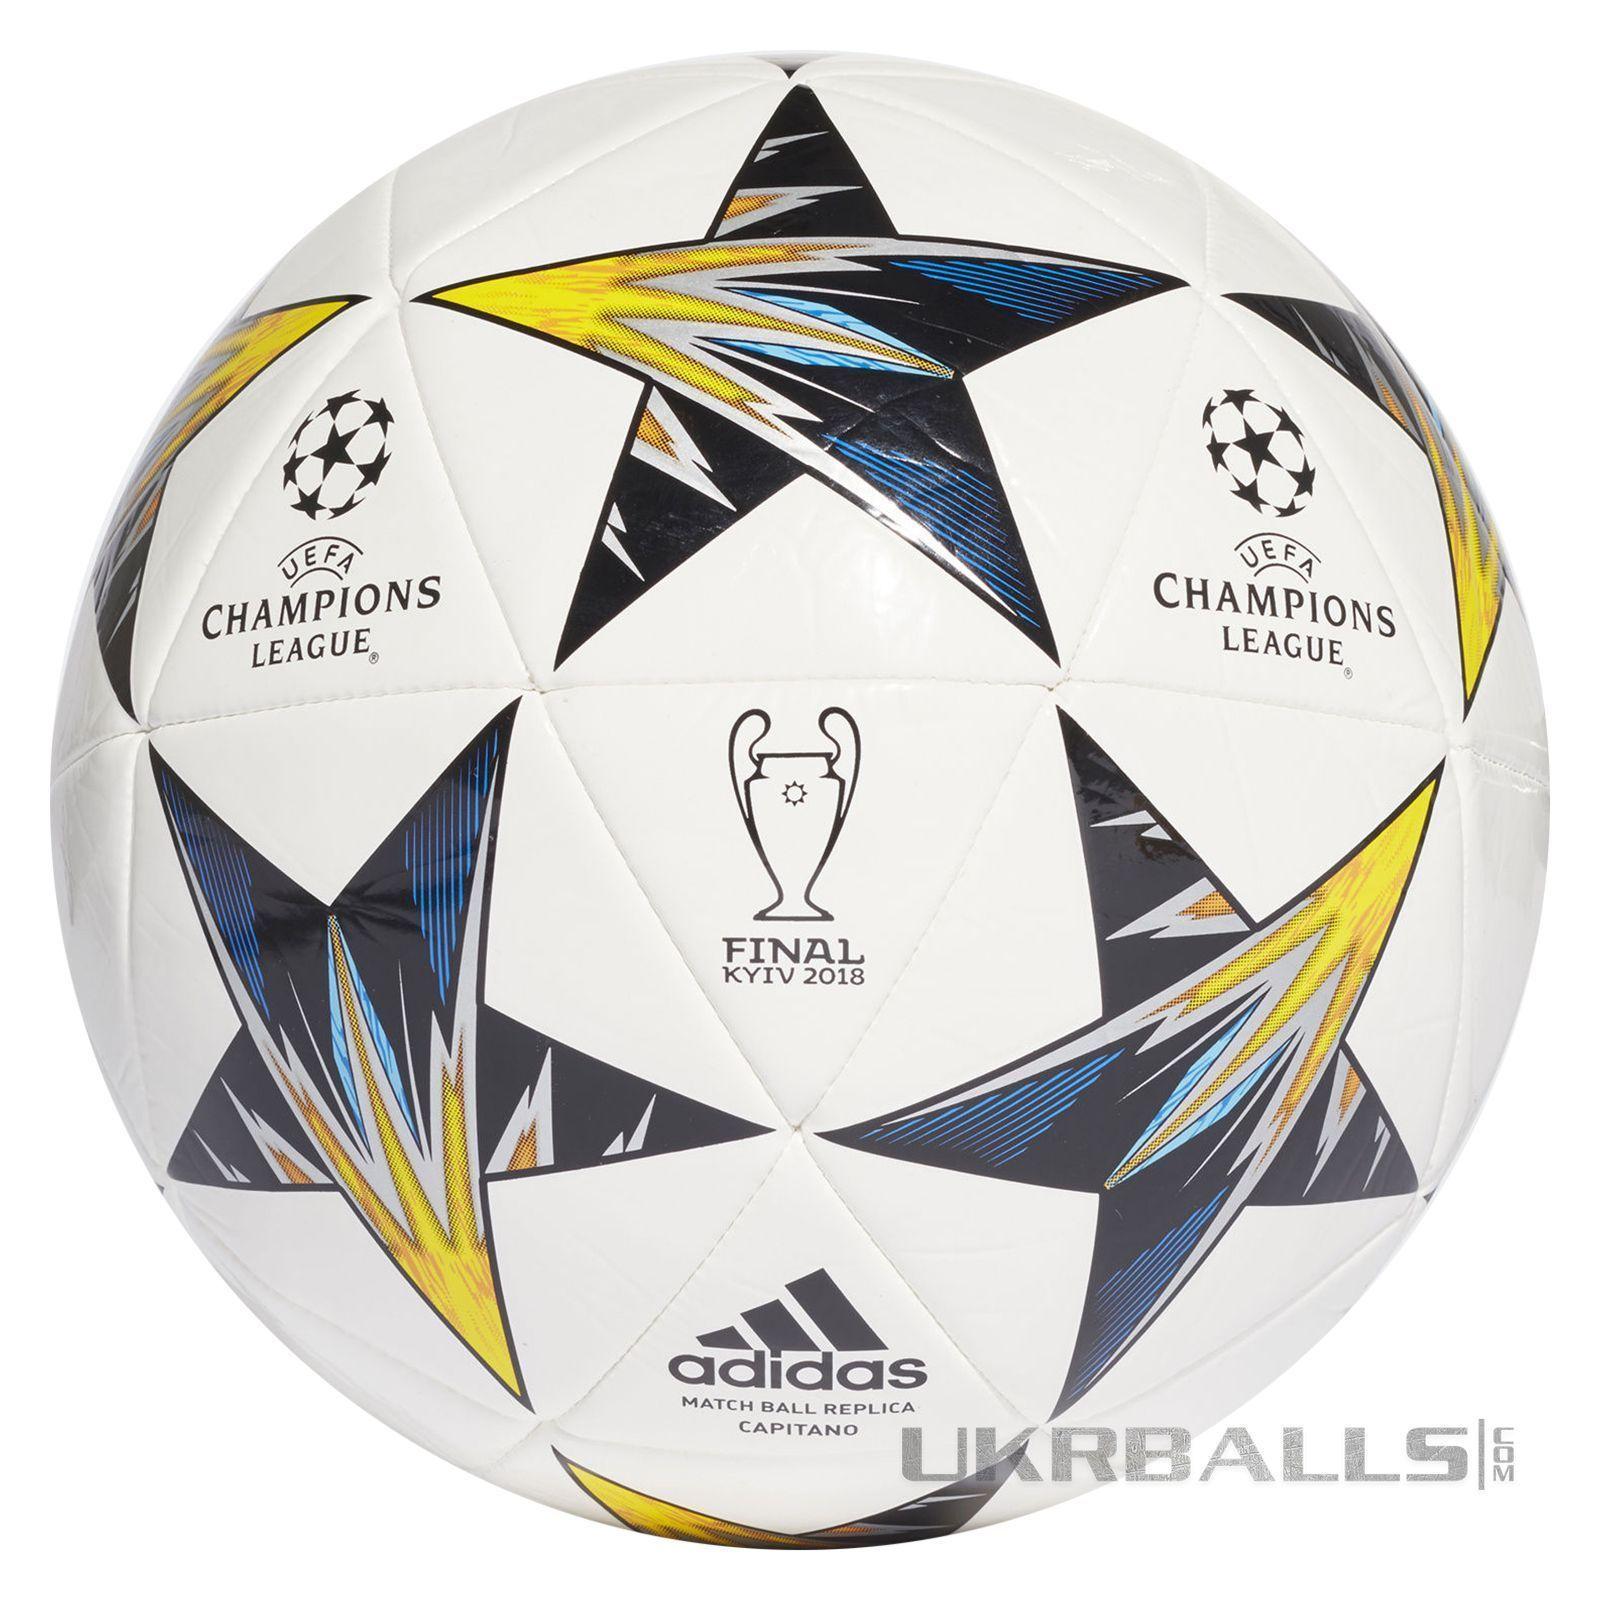 Купити футбольний м яч Adidas Finale Kiev 2018 Capitano CF1197 ... 4ae5643d51a7b